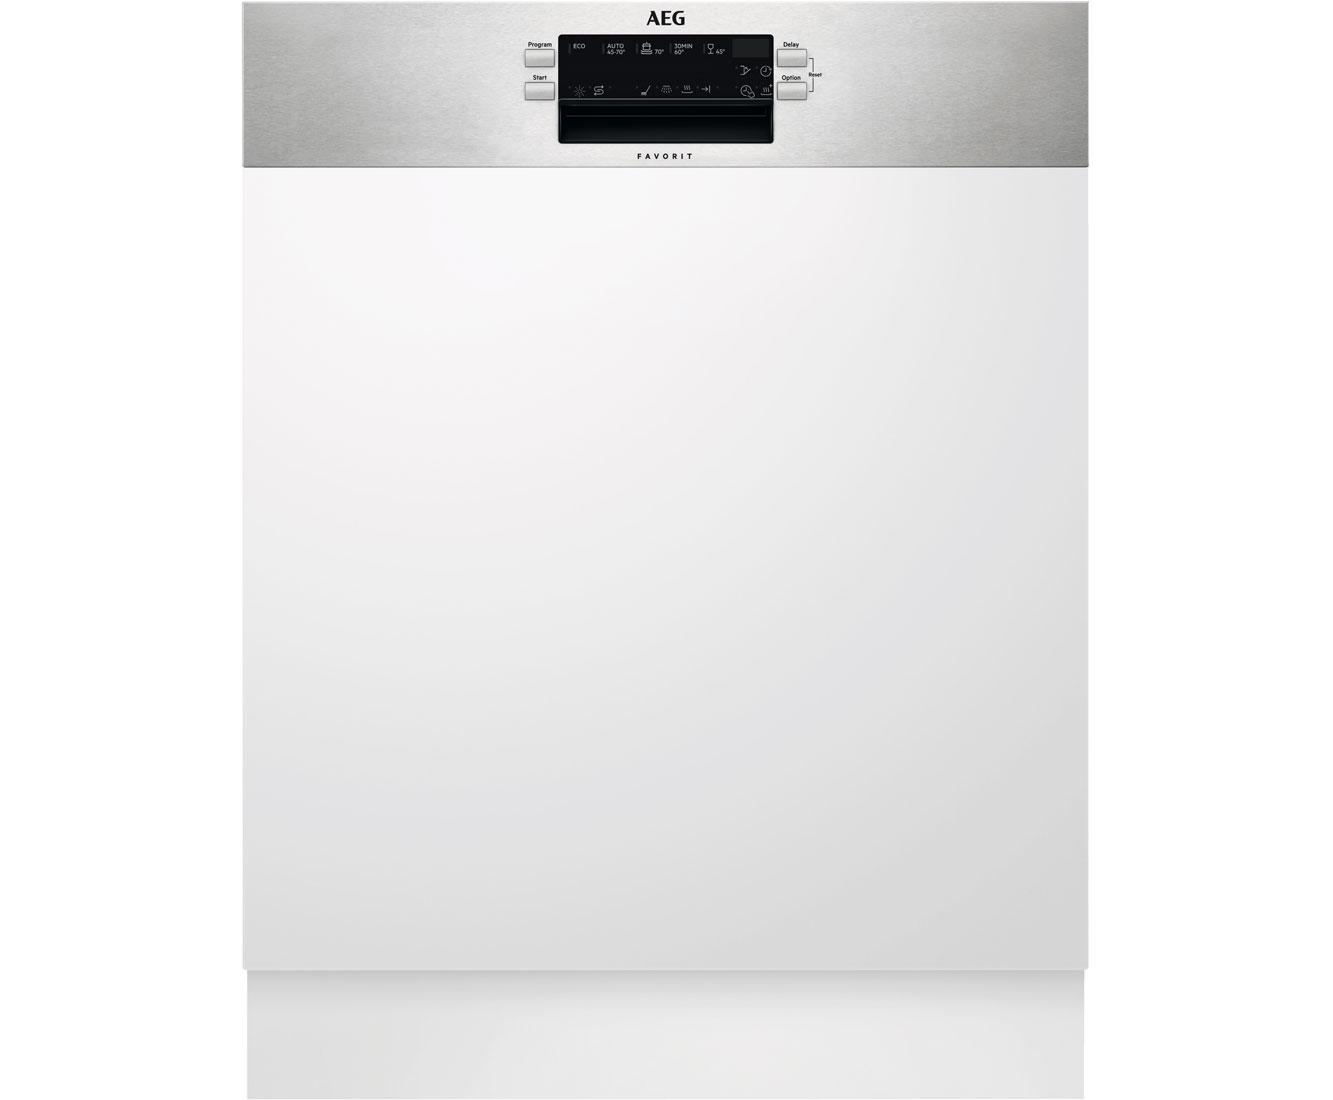 Aeg Electrolux Kühlschrank : Aeg kühlschrank alter bestimmen: aeg sfa aas kühlschrank